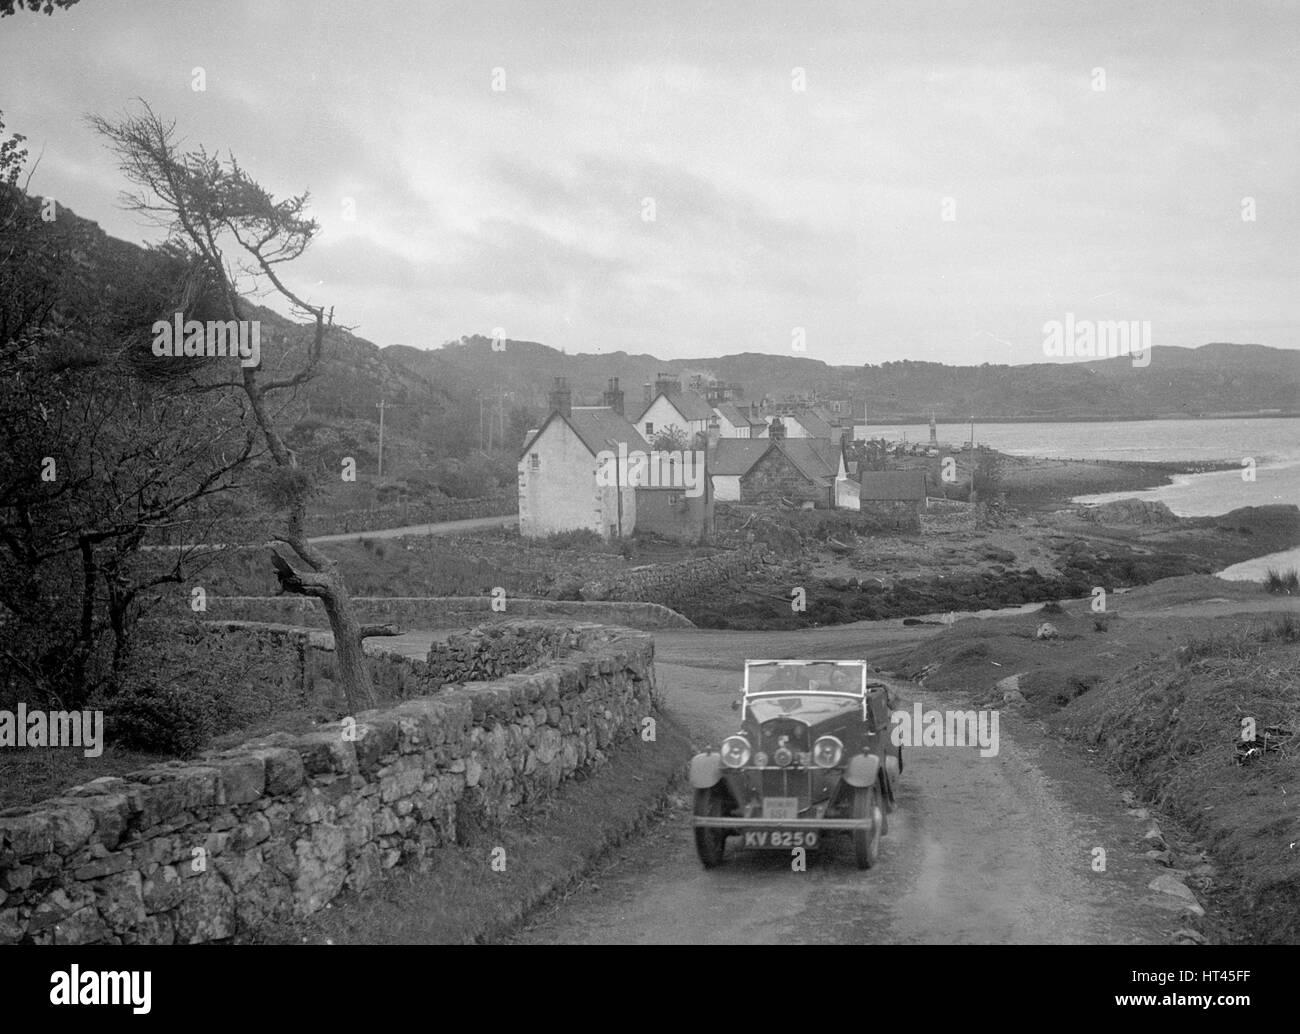 Triumph offener Tourenwagen von Joan Richmond im Wettbewerb in der RSAC Scottish Rally, 1934. Künstler: Bill Stockbild